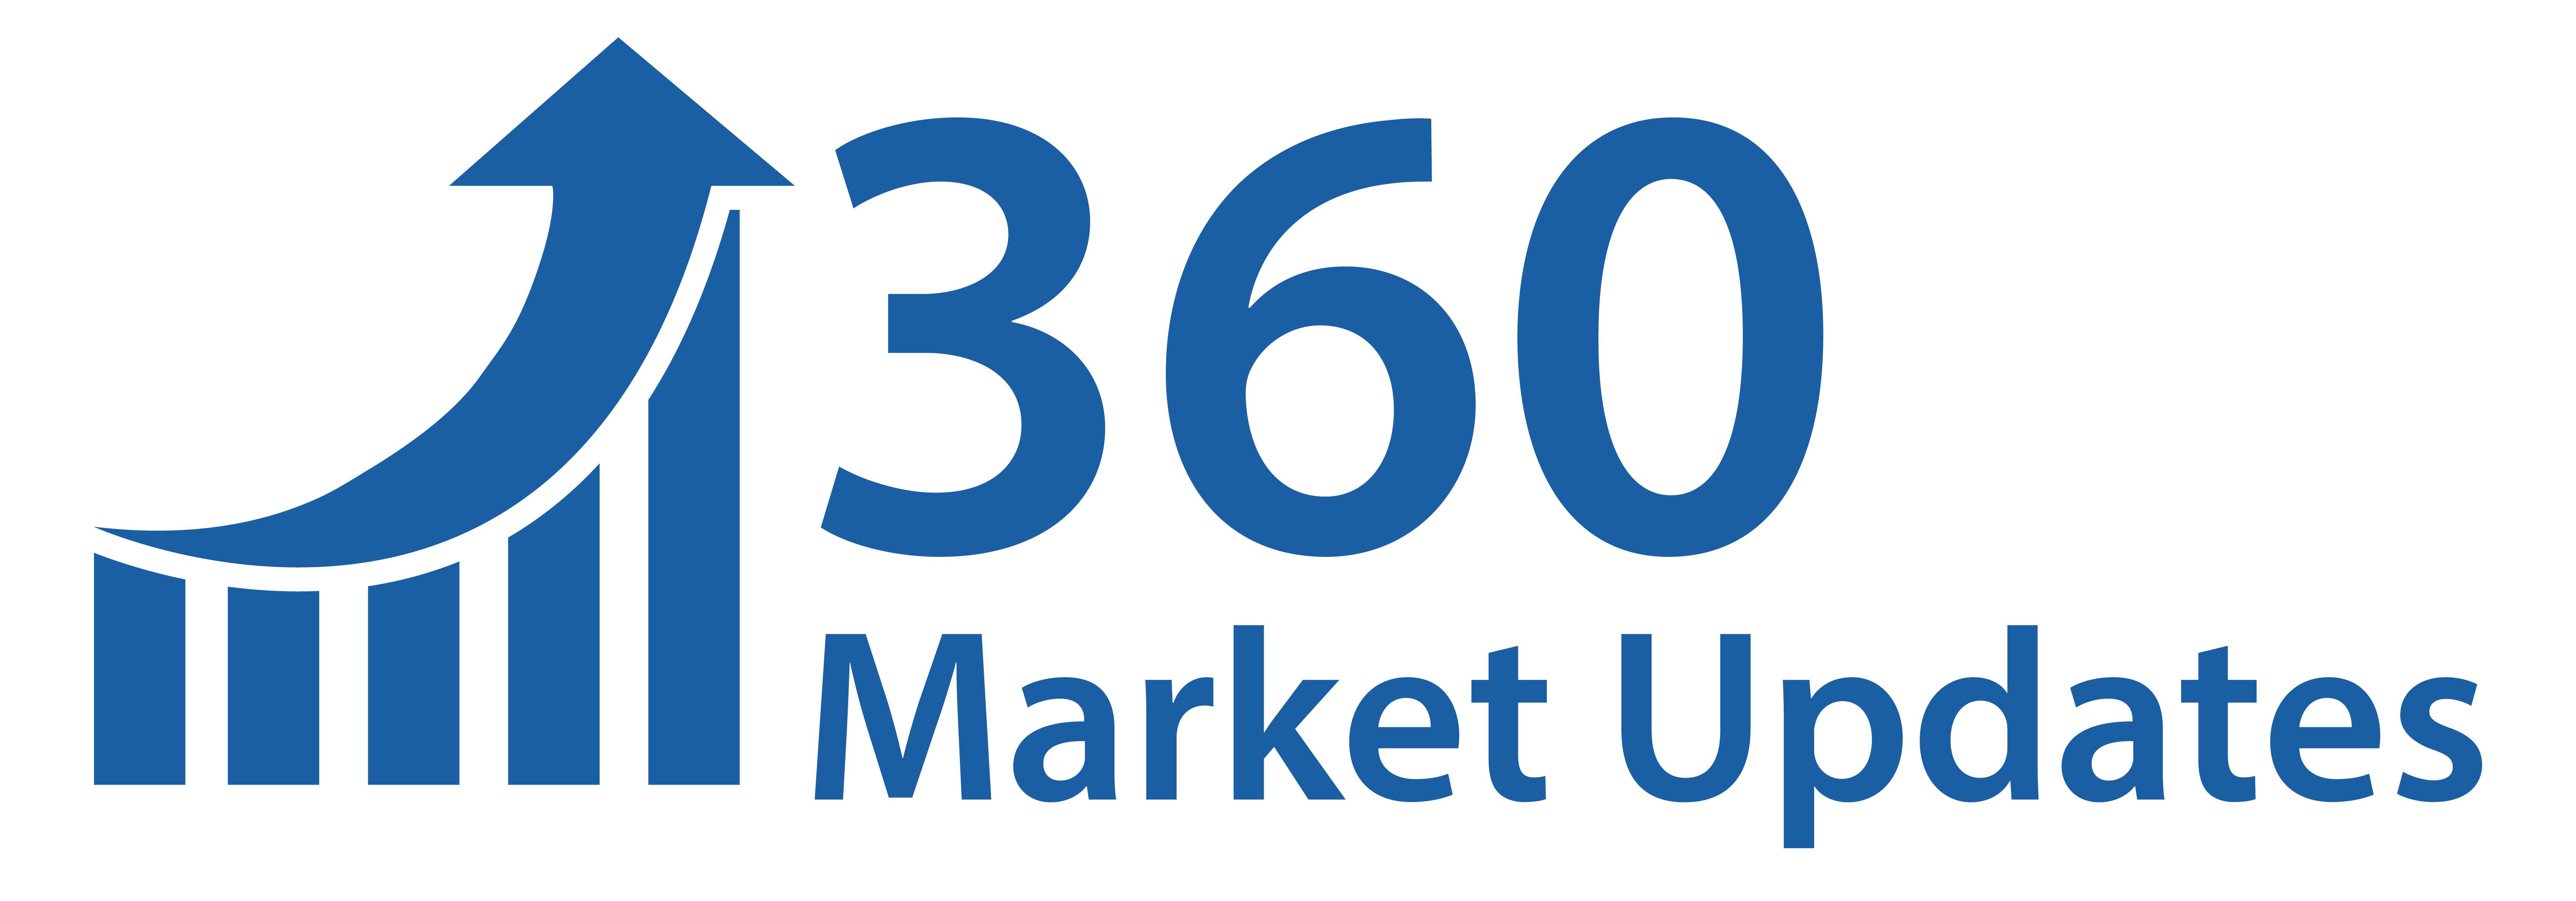 Mercado de papel fotográfico en color 2019: crecimiento futuro, ingresos comerciales, planes de tendencias, principales actores clave, oportunidades comerciales, participación en la industria, análisis de tamaño global por pronóstico para 2023 | 360researchreports.com